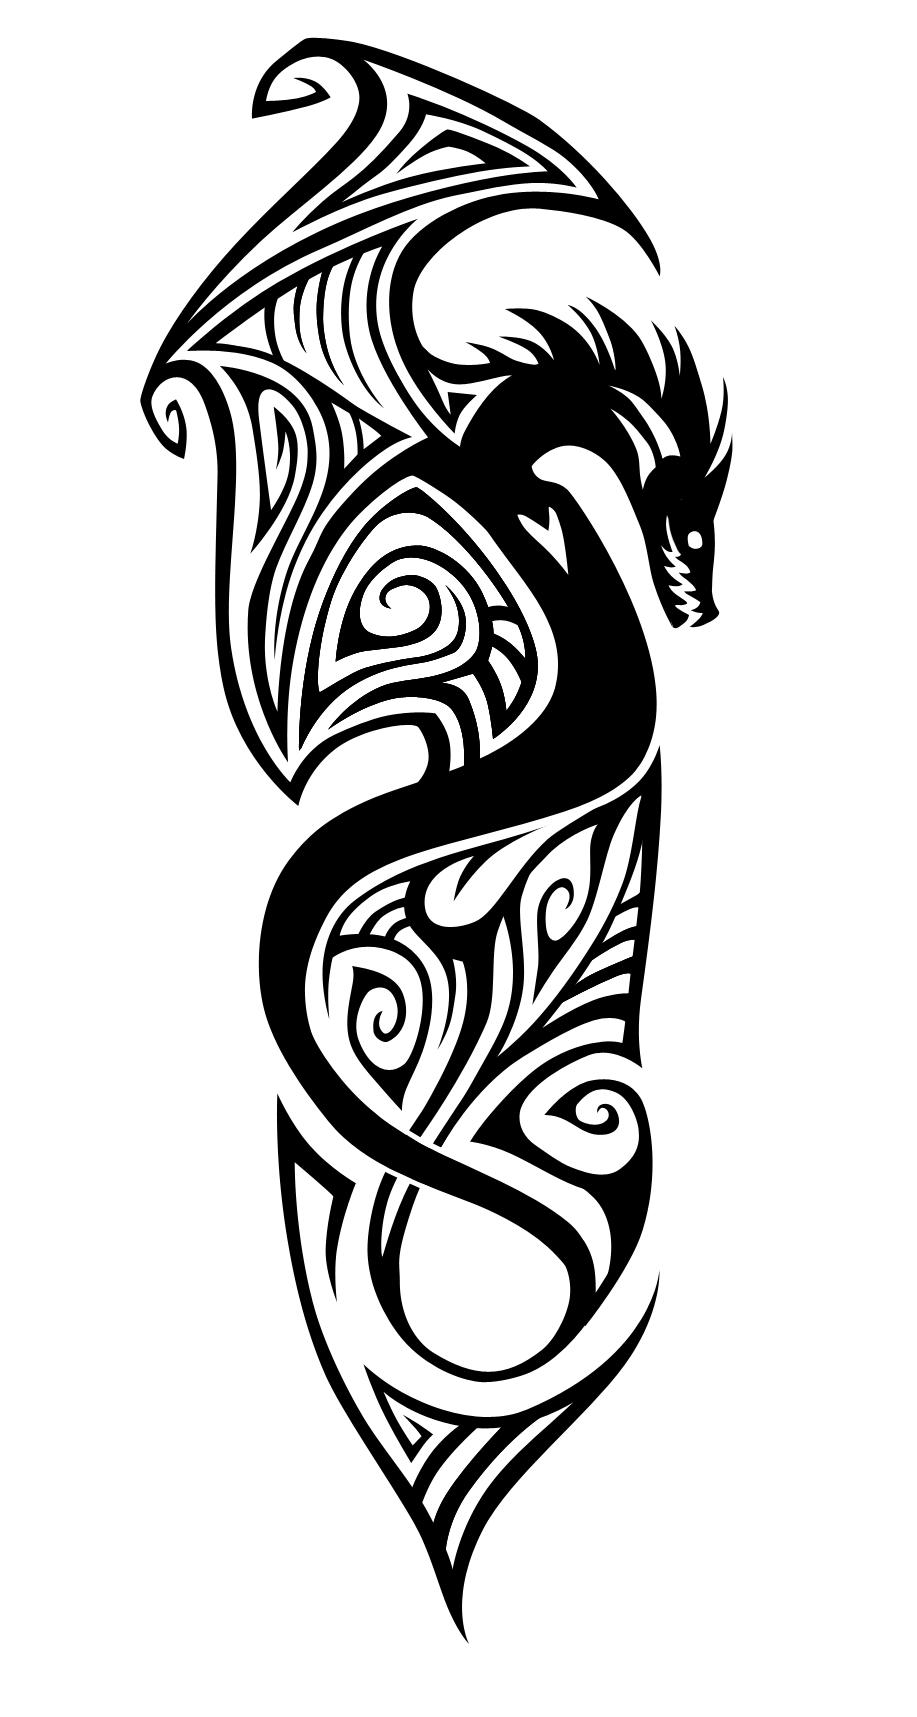 Tribal-Tattoos 800839ae1e12740a9446316092e58f19